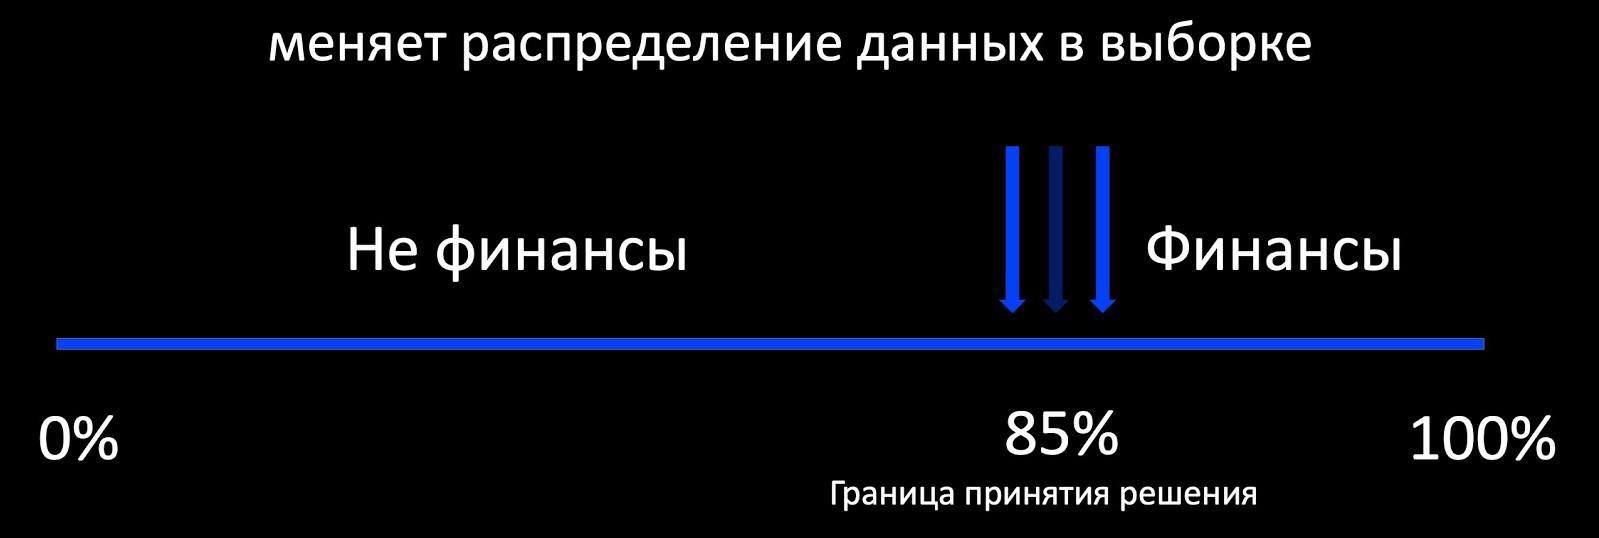 Эксплуатация машинного обучения в Почте Mail.ru - 5